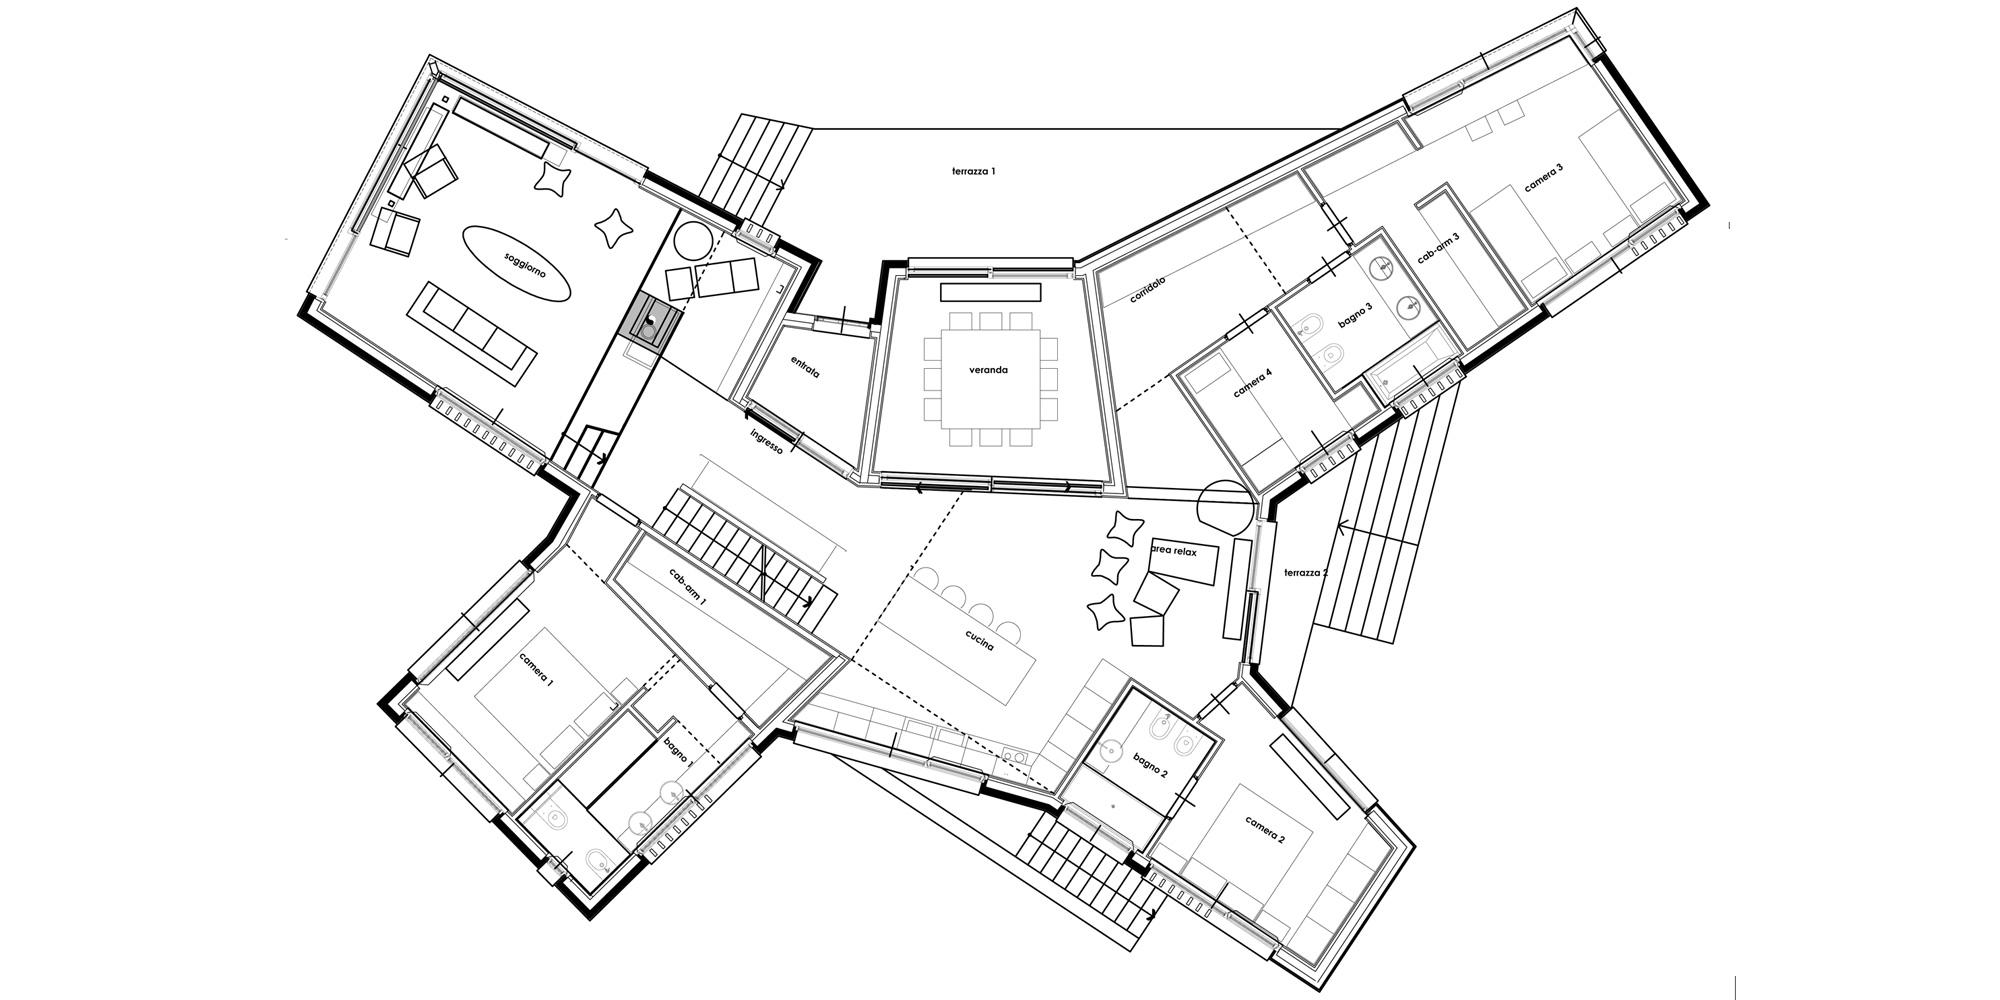 Pianta Piano Terra © ZDA Zanetti Design Architettura